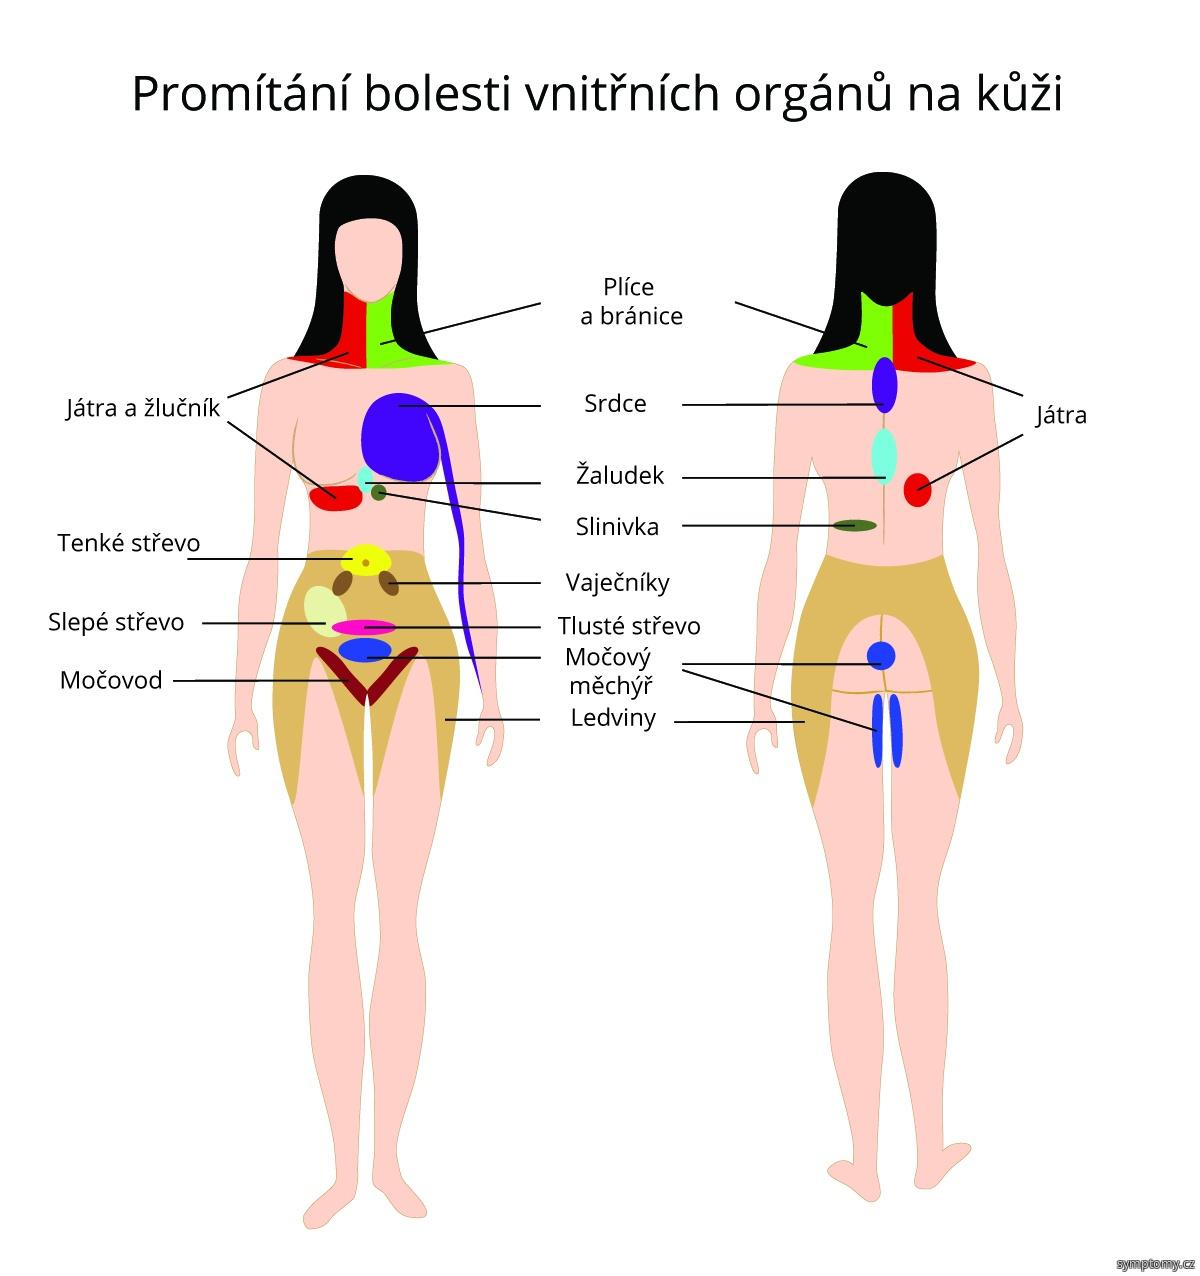 Promítání bolesti vnitřních orgánů na kůži